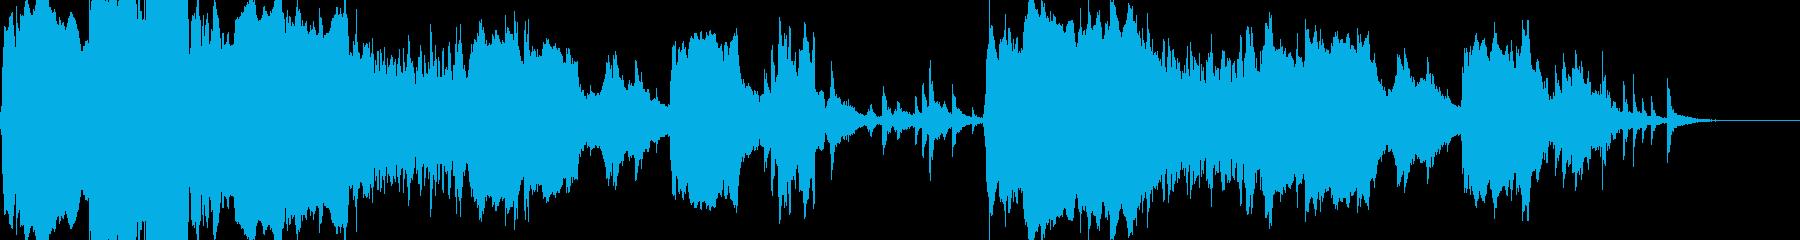 和風 鬼滅的 BGM12.20の再生済みの波形